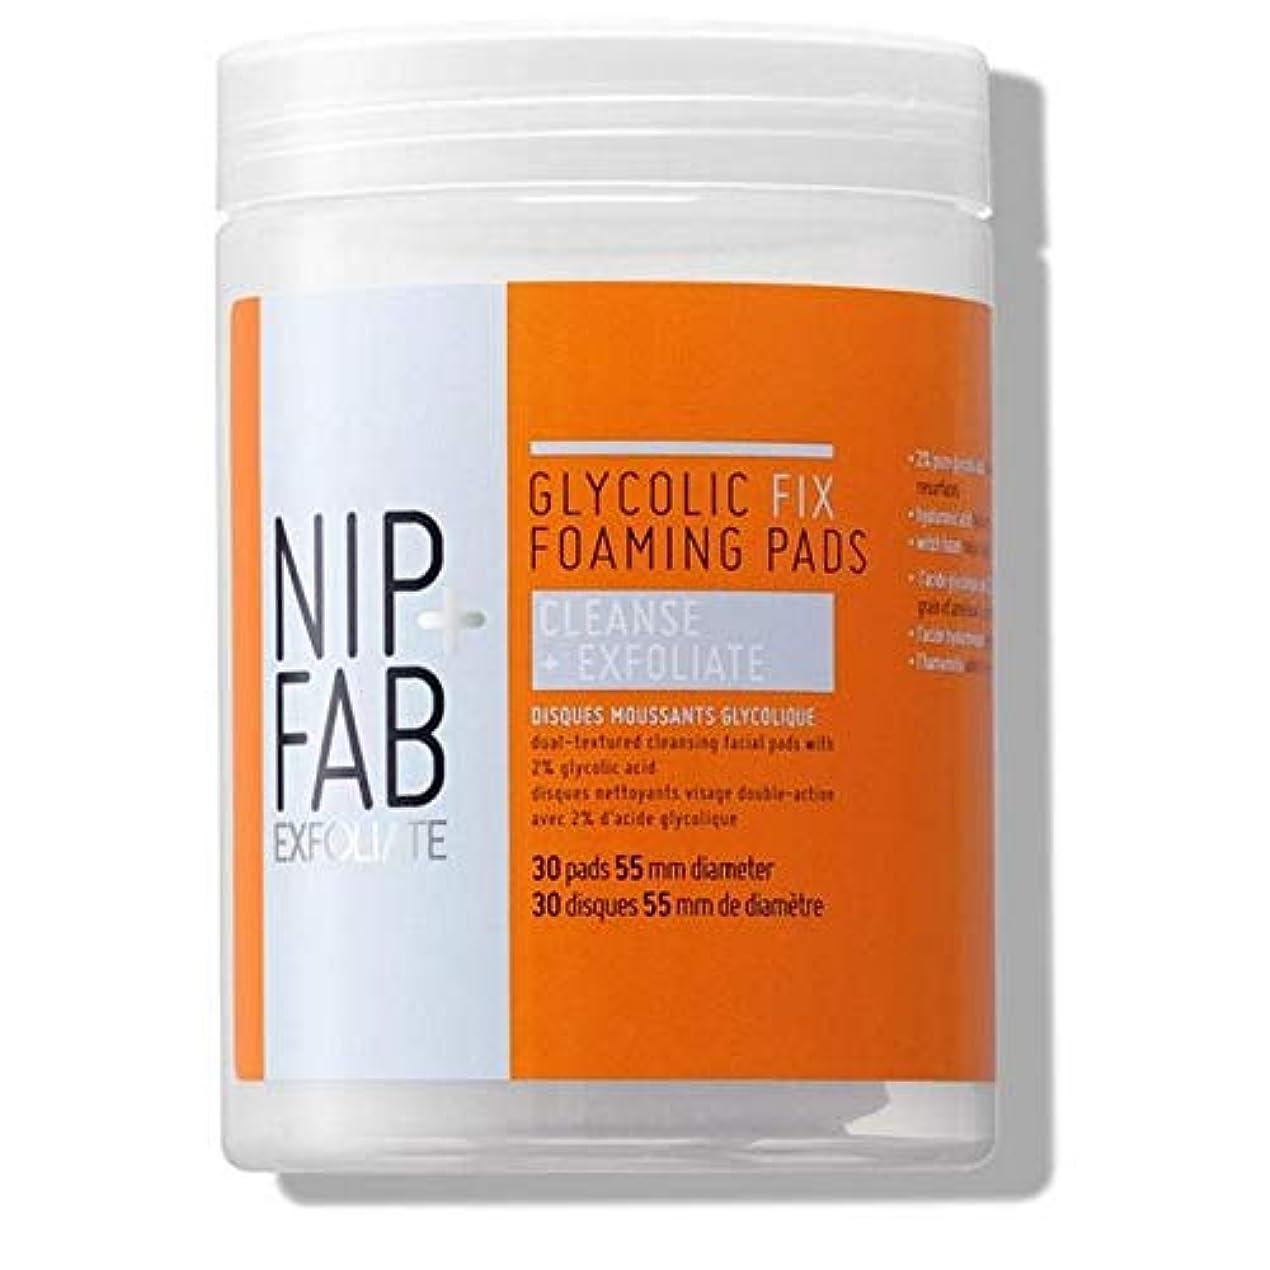 篭ミット安らぎ[Nip & Fab] + Fabグリコール修正発泡パッド95ミリリットルニップ - Nip+Fab Glycolic Fix Foaming Pads 95ml [並行輸入品]